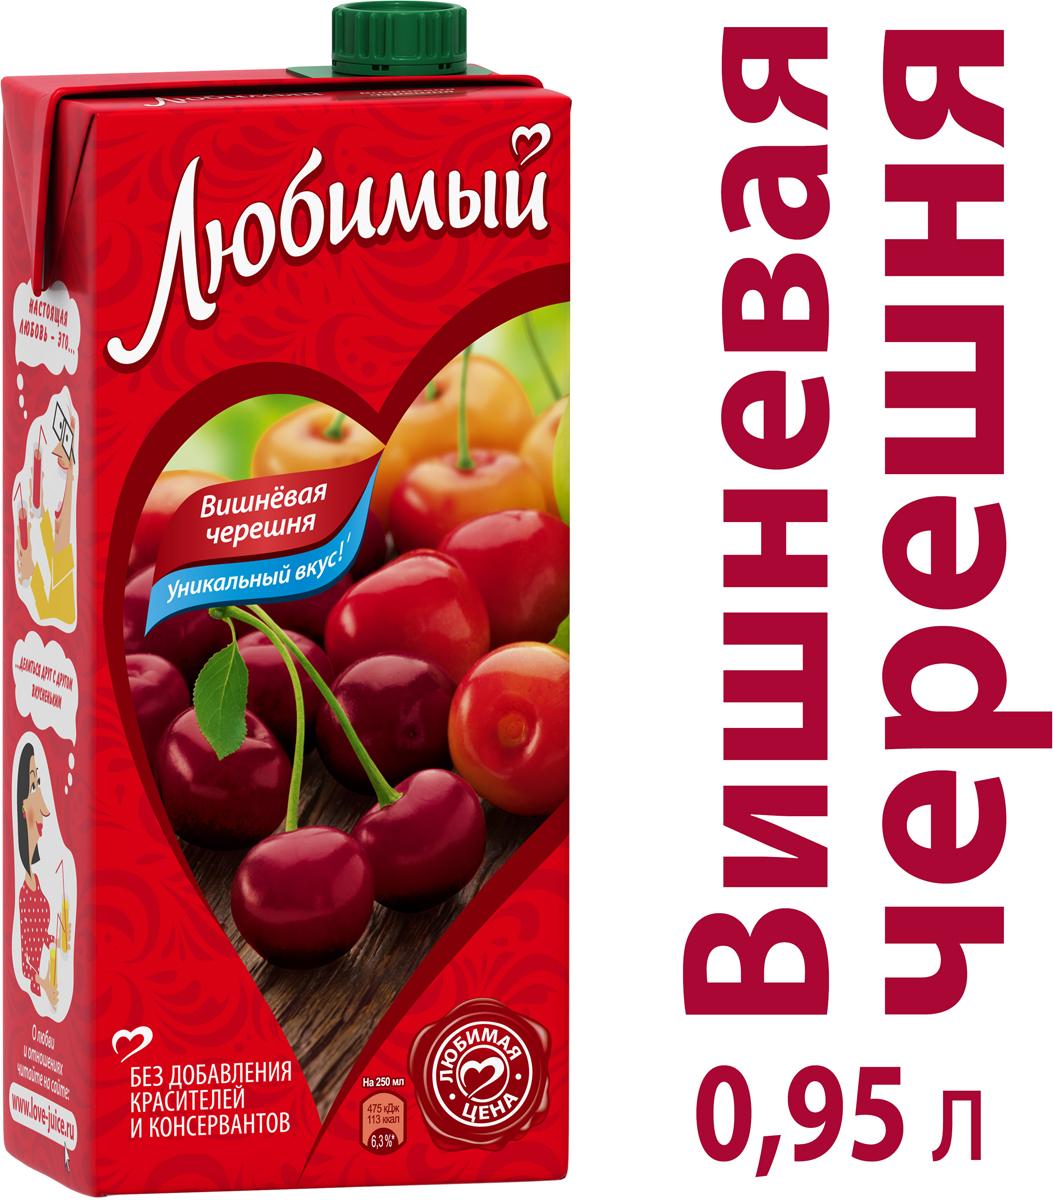 Любимый Яблоко-Вишня-Черешня напиток сокосодержащий осветленный,0,95 л сиропы бальзамы altay seligor бальзам антистресс 2шт